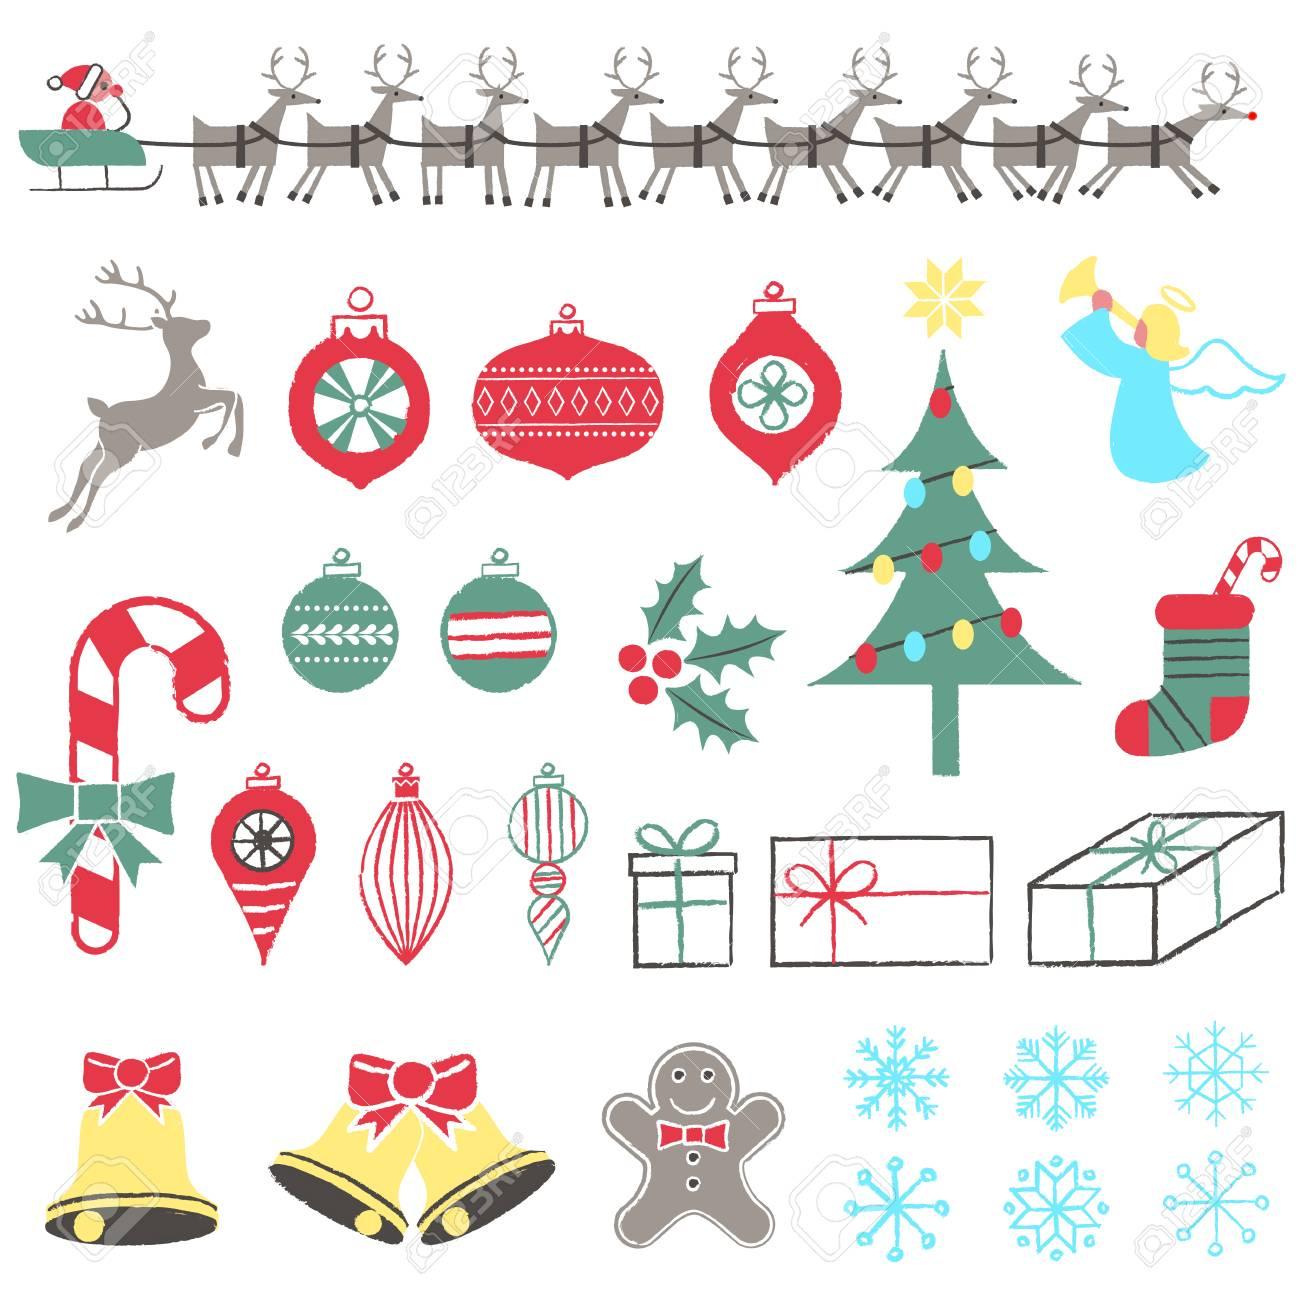 Disegni Di Natale Vettoriali.Retro Elementi Di Natale Disegni Di Natale Disegnati A Mano Il File E Stratificato E Ogni Oggetto E Raggruppato Per Una Facile Modifica